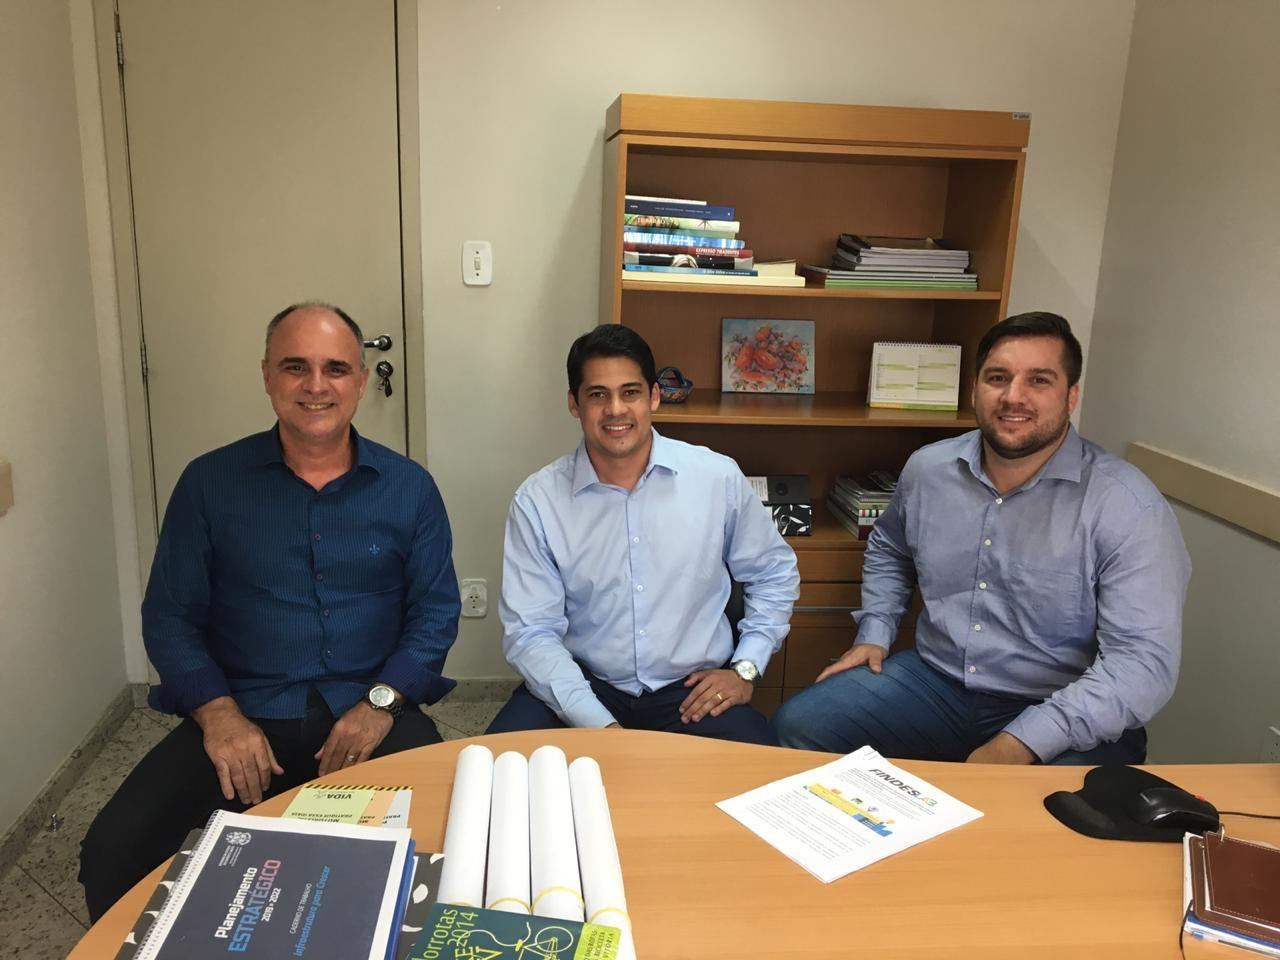 Recebi os amigos Hegace Estevão e Felipe Chiabai para conversarmos sobre inovações tecnológicas para a Mobilidade Urbana.